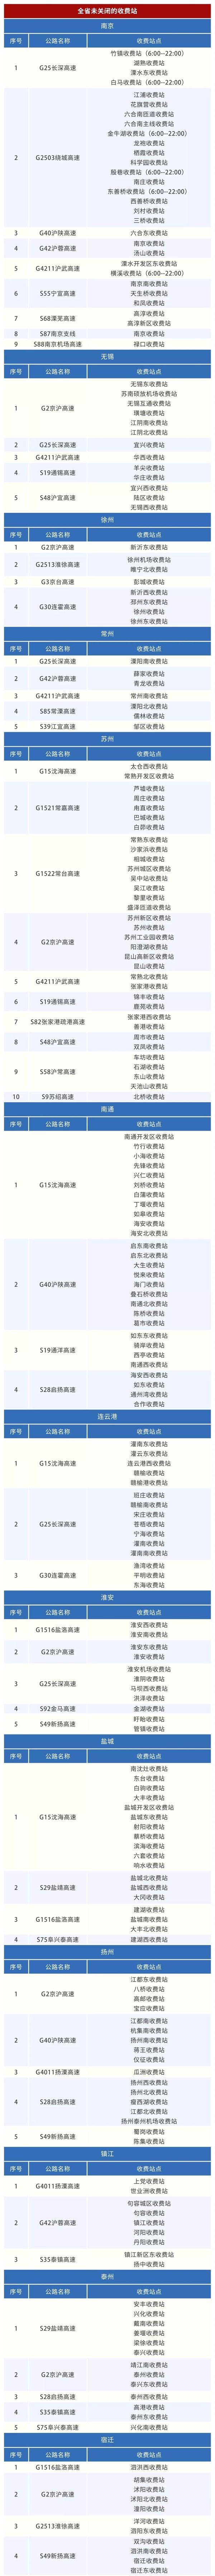 提醒!目前江苏这些高速出口可以通行(截至2月6日14时)